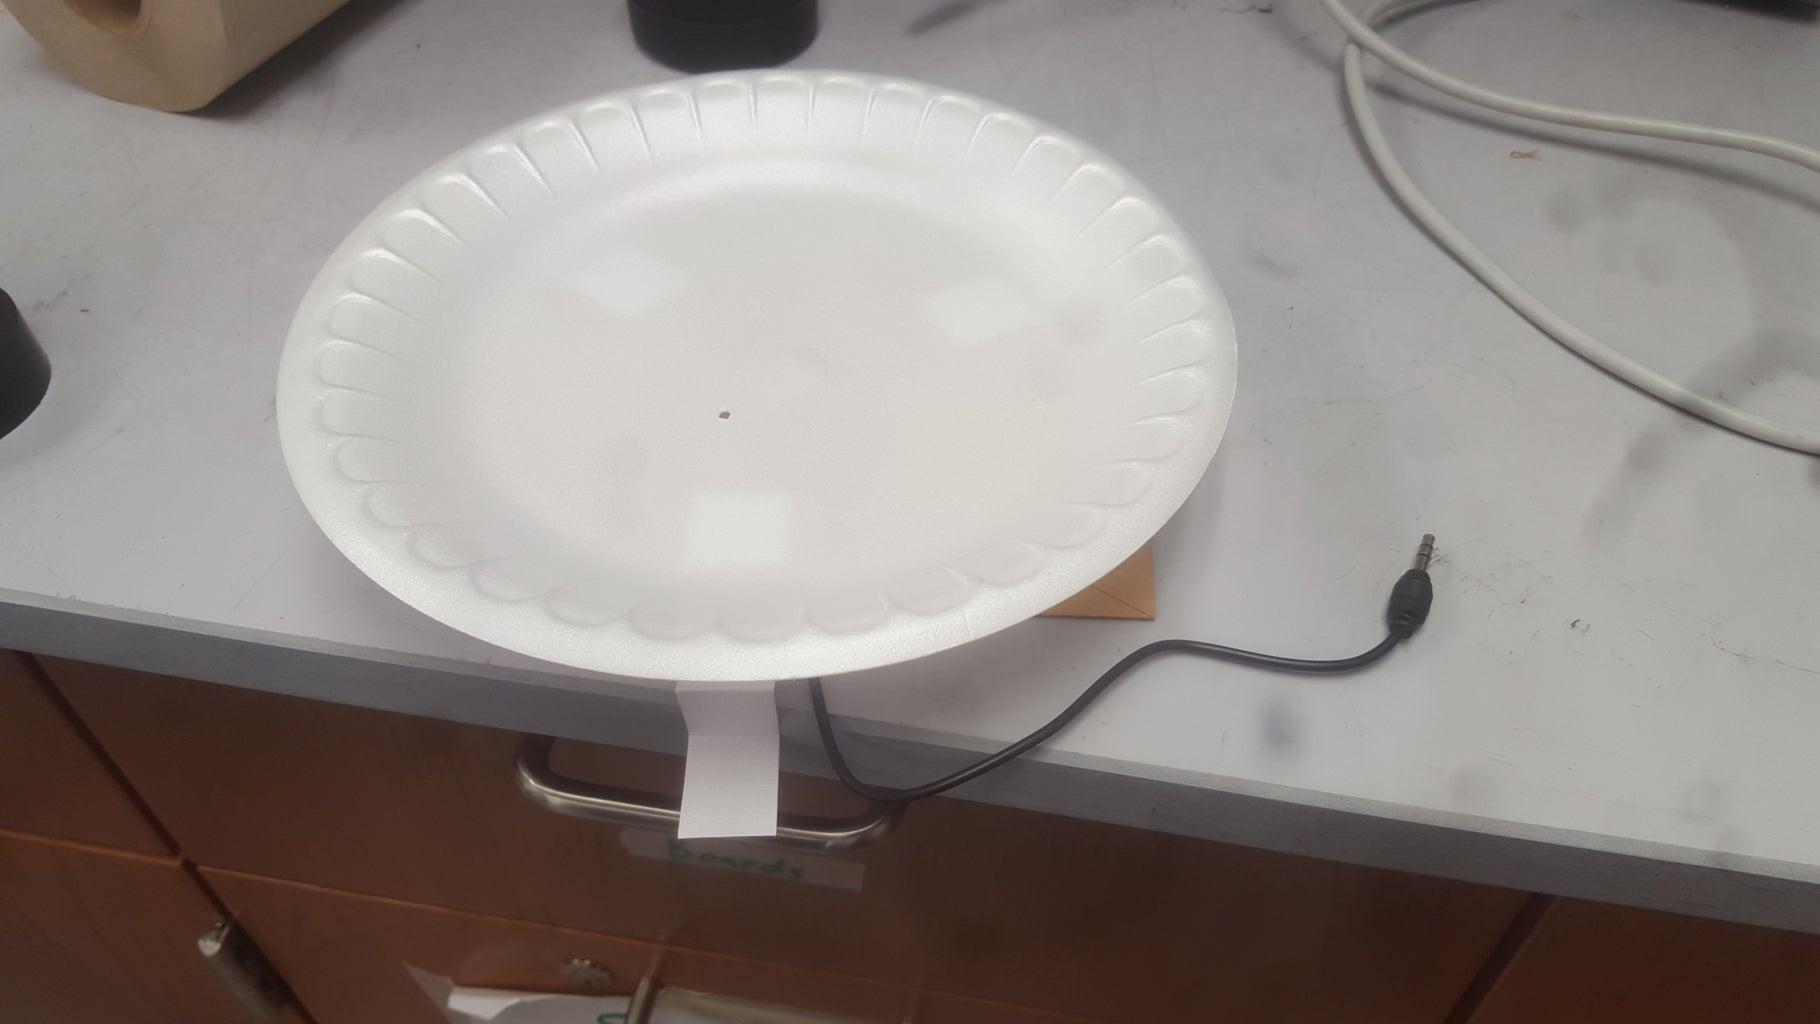 Attach Speaker Coil to Cone